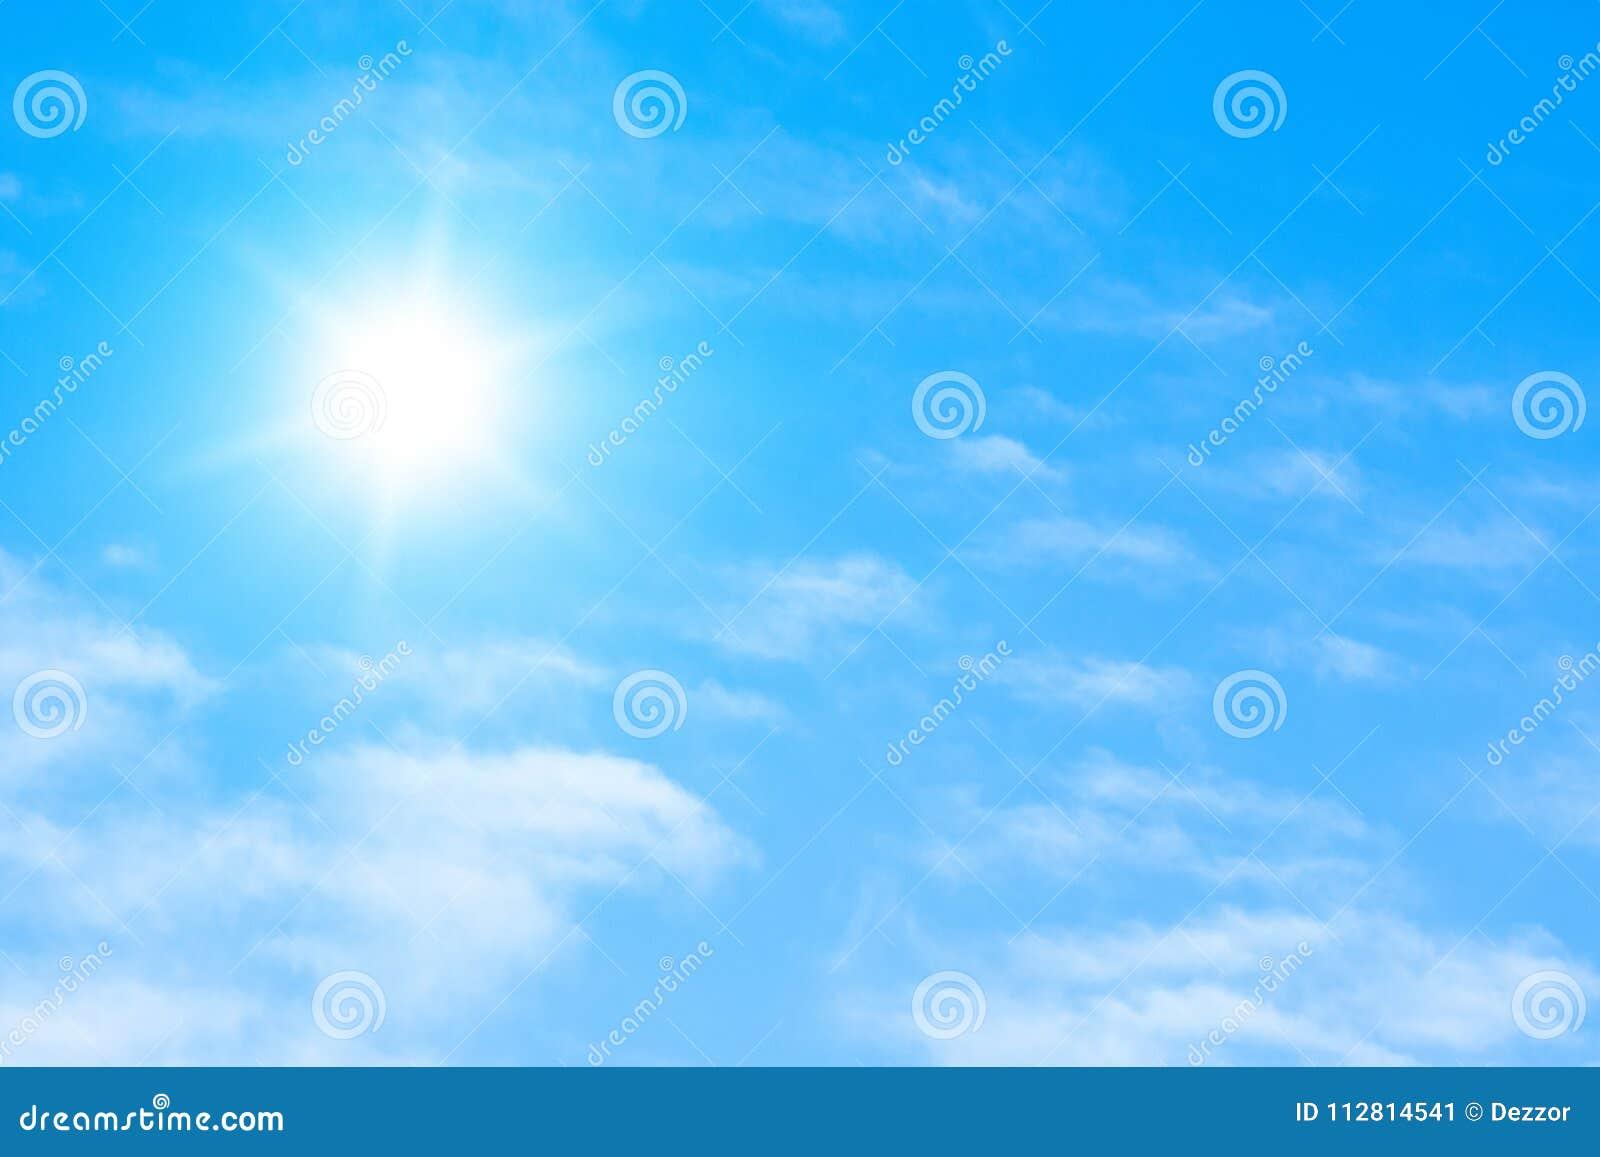 Le soleil avec les rayons lumineux dans le ciel bleu avec la lumière blanche opacifie